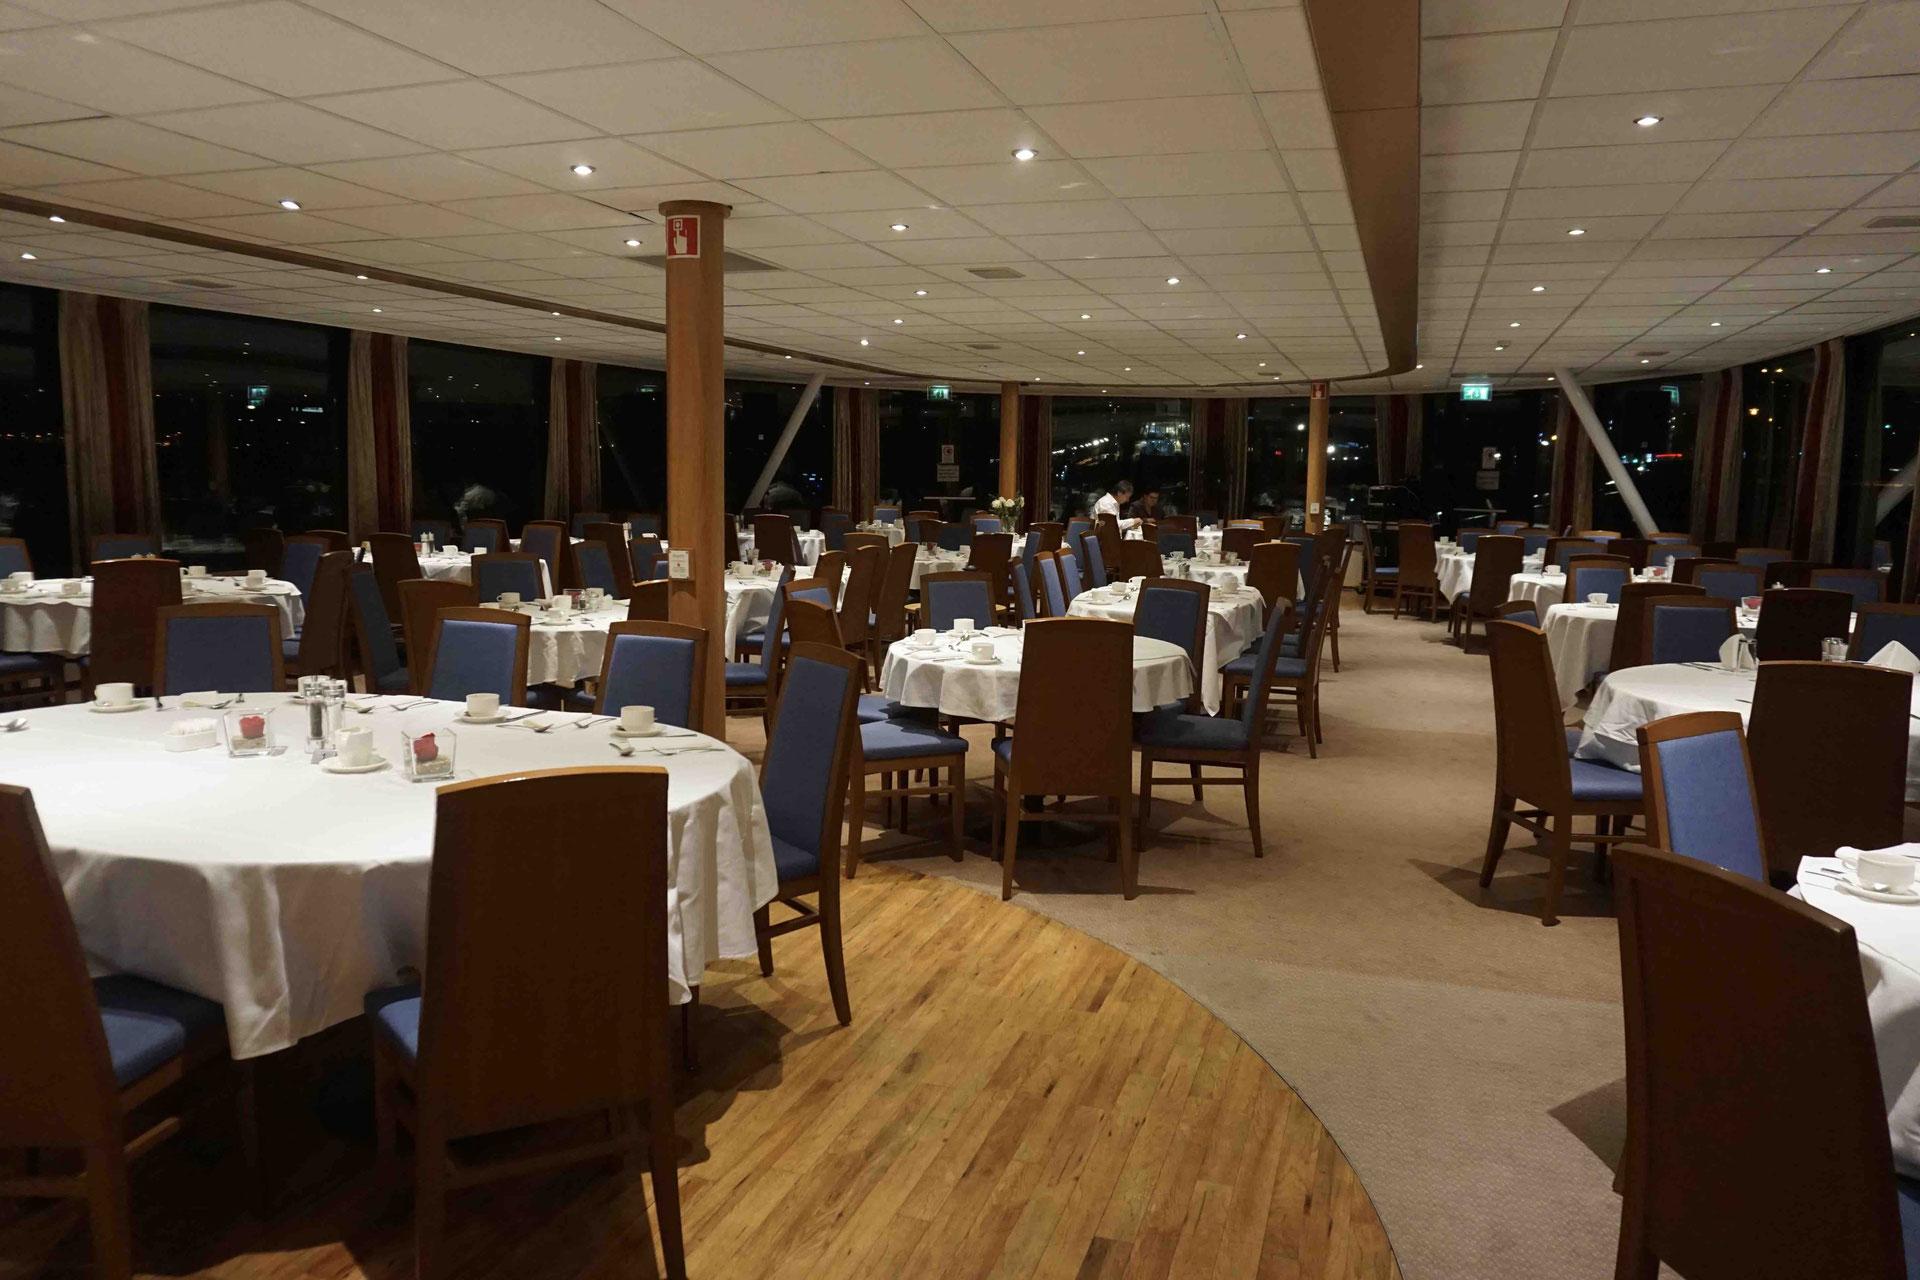 MS Rhein Melodie Panorama Restaurant